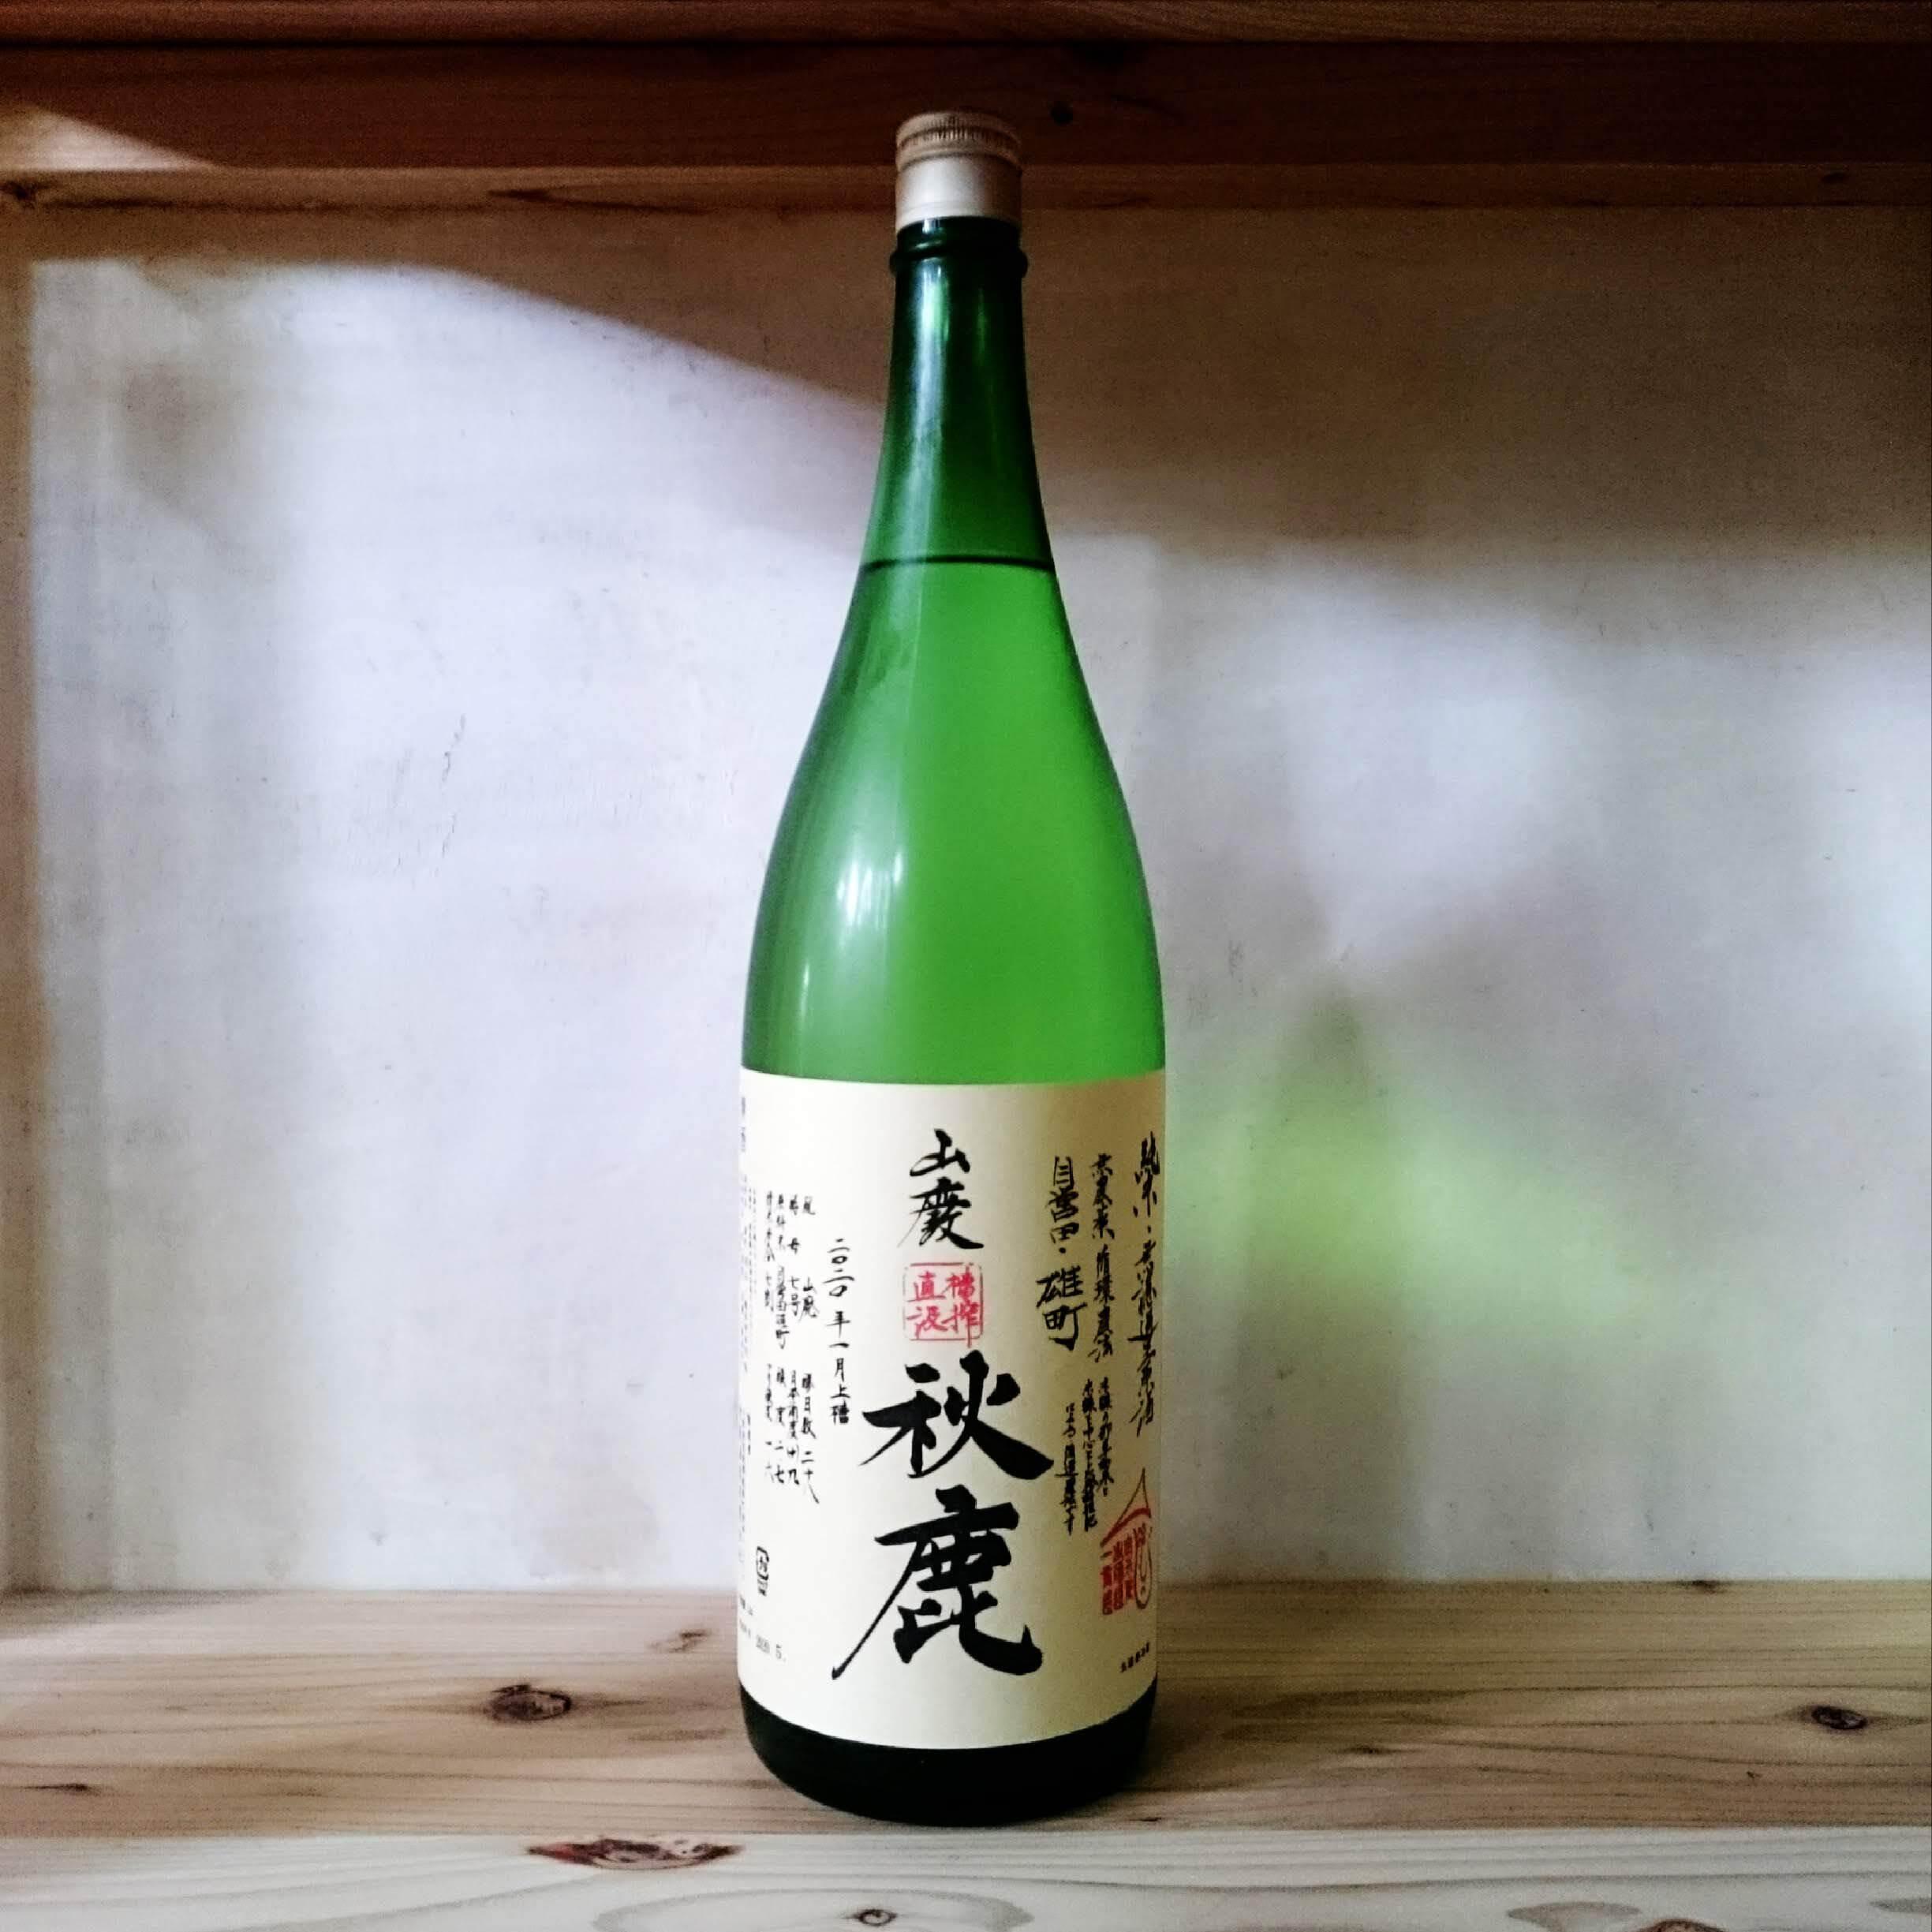 秋鹿 山廃純米 自営田雄町 槽搾直汲 1.8L